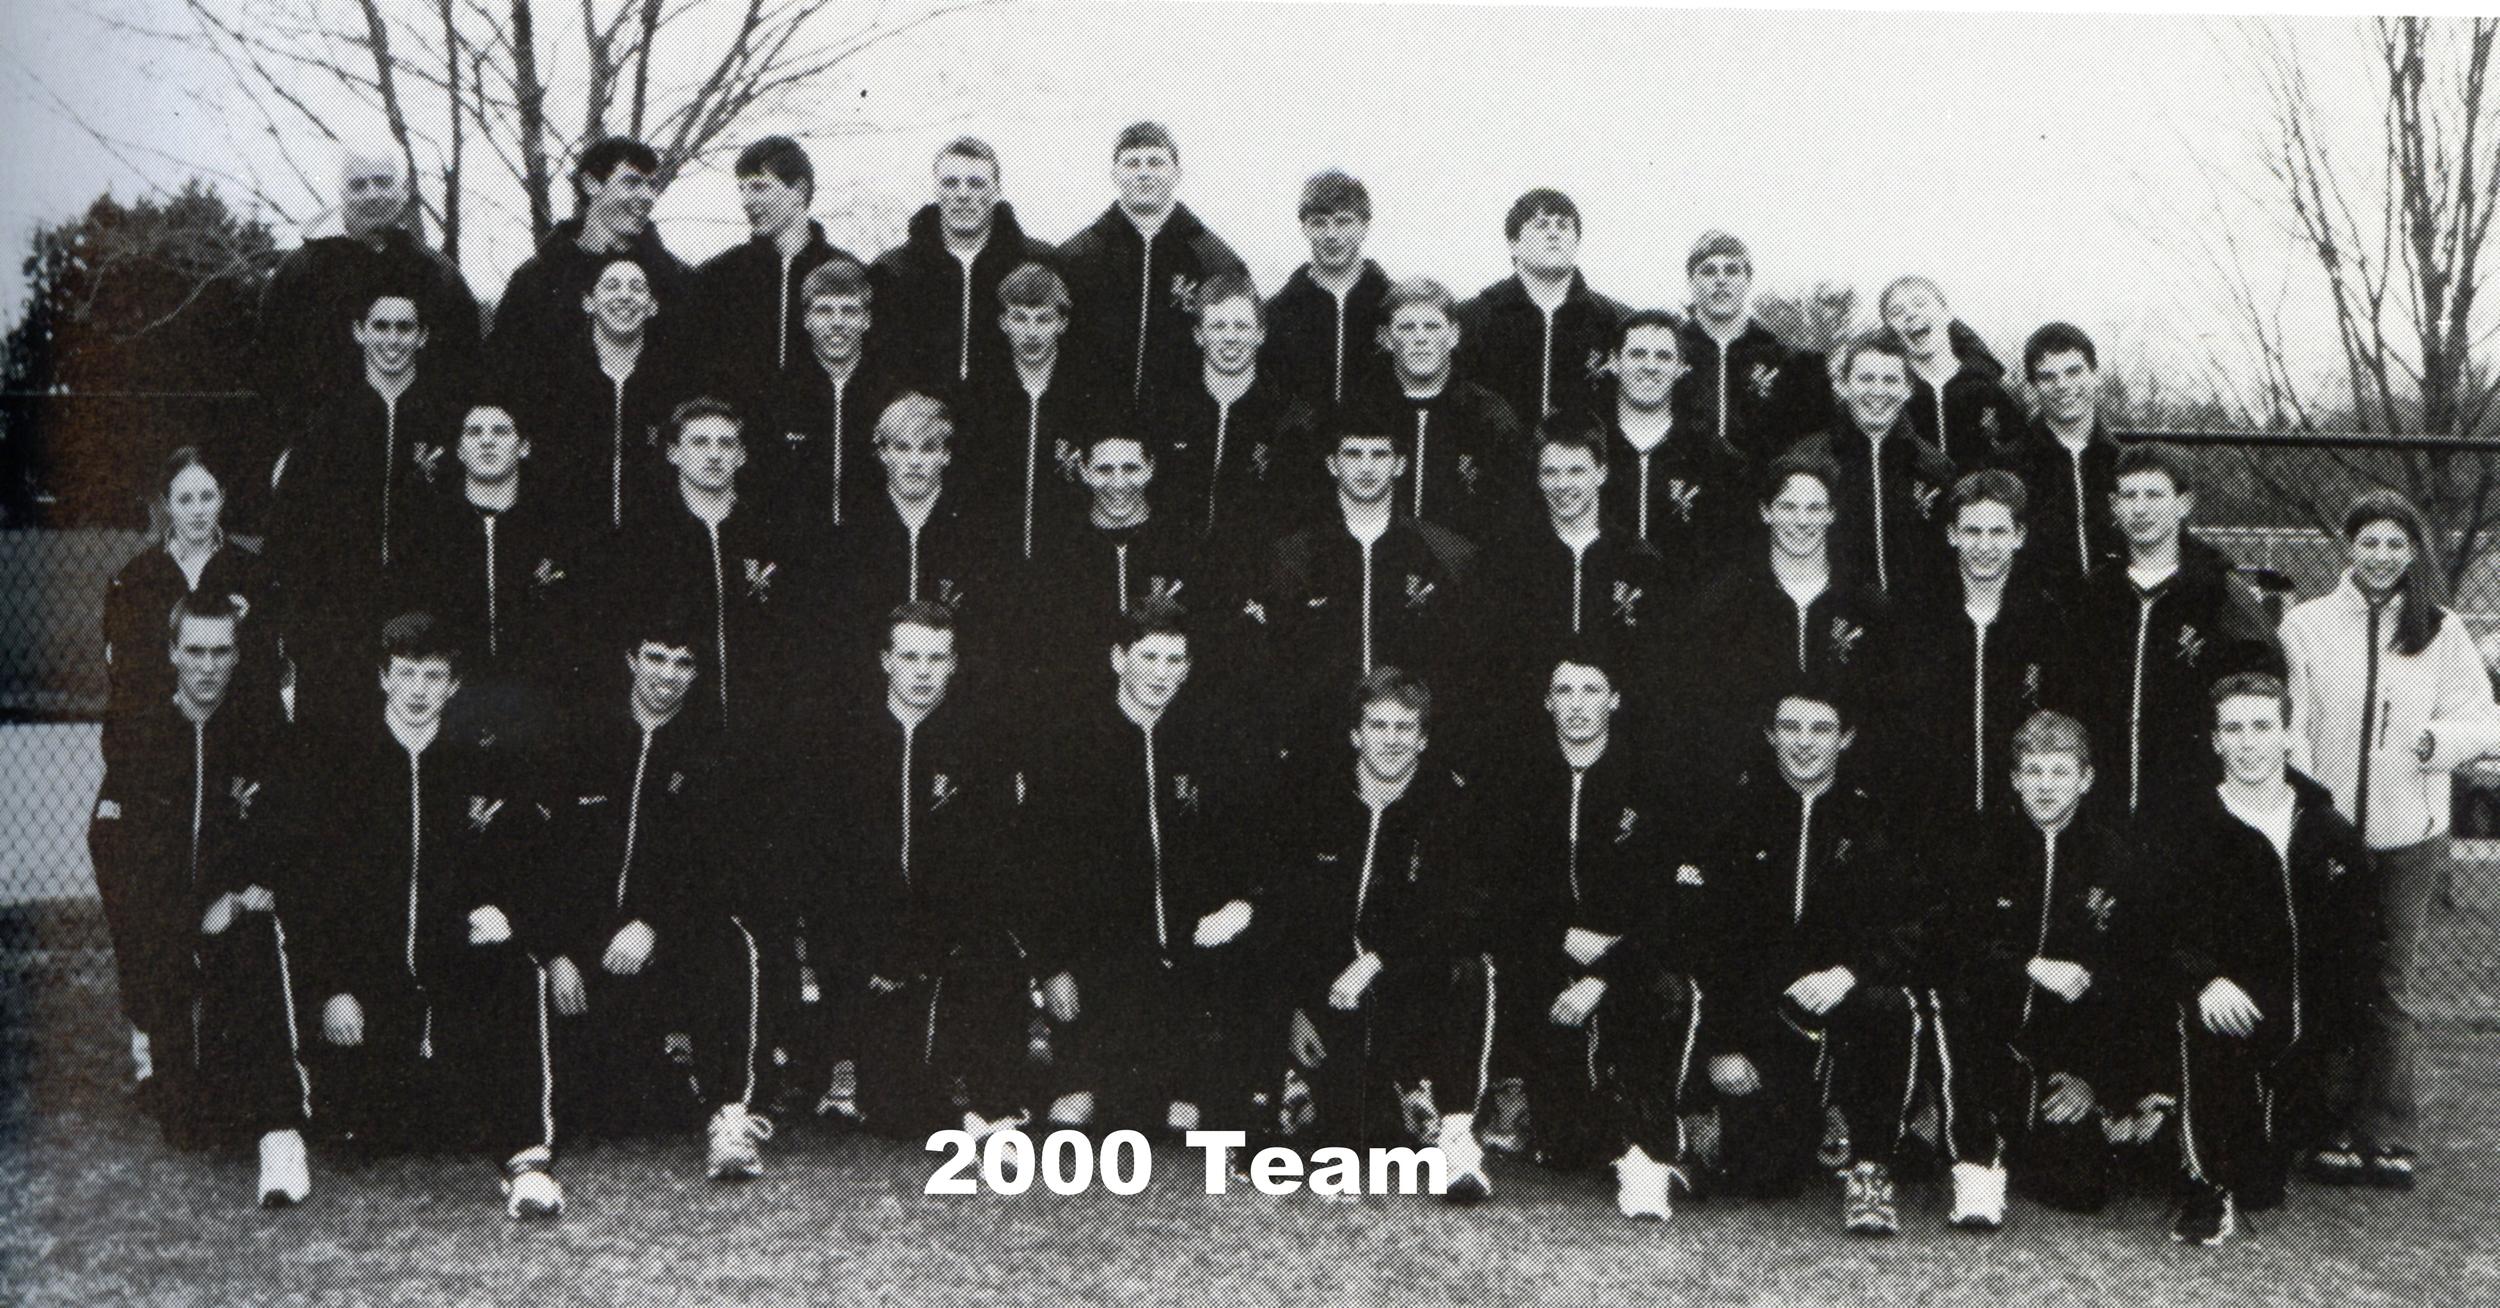 2000 NC Lax Team Photo.jpg